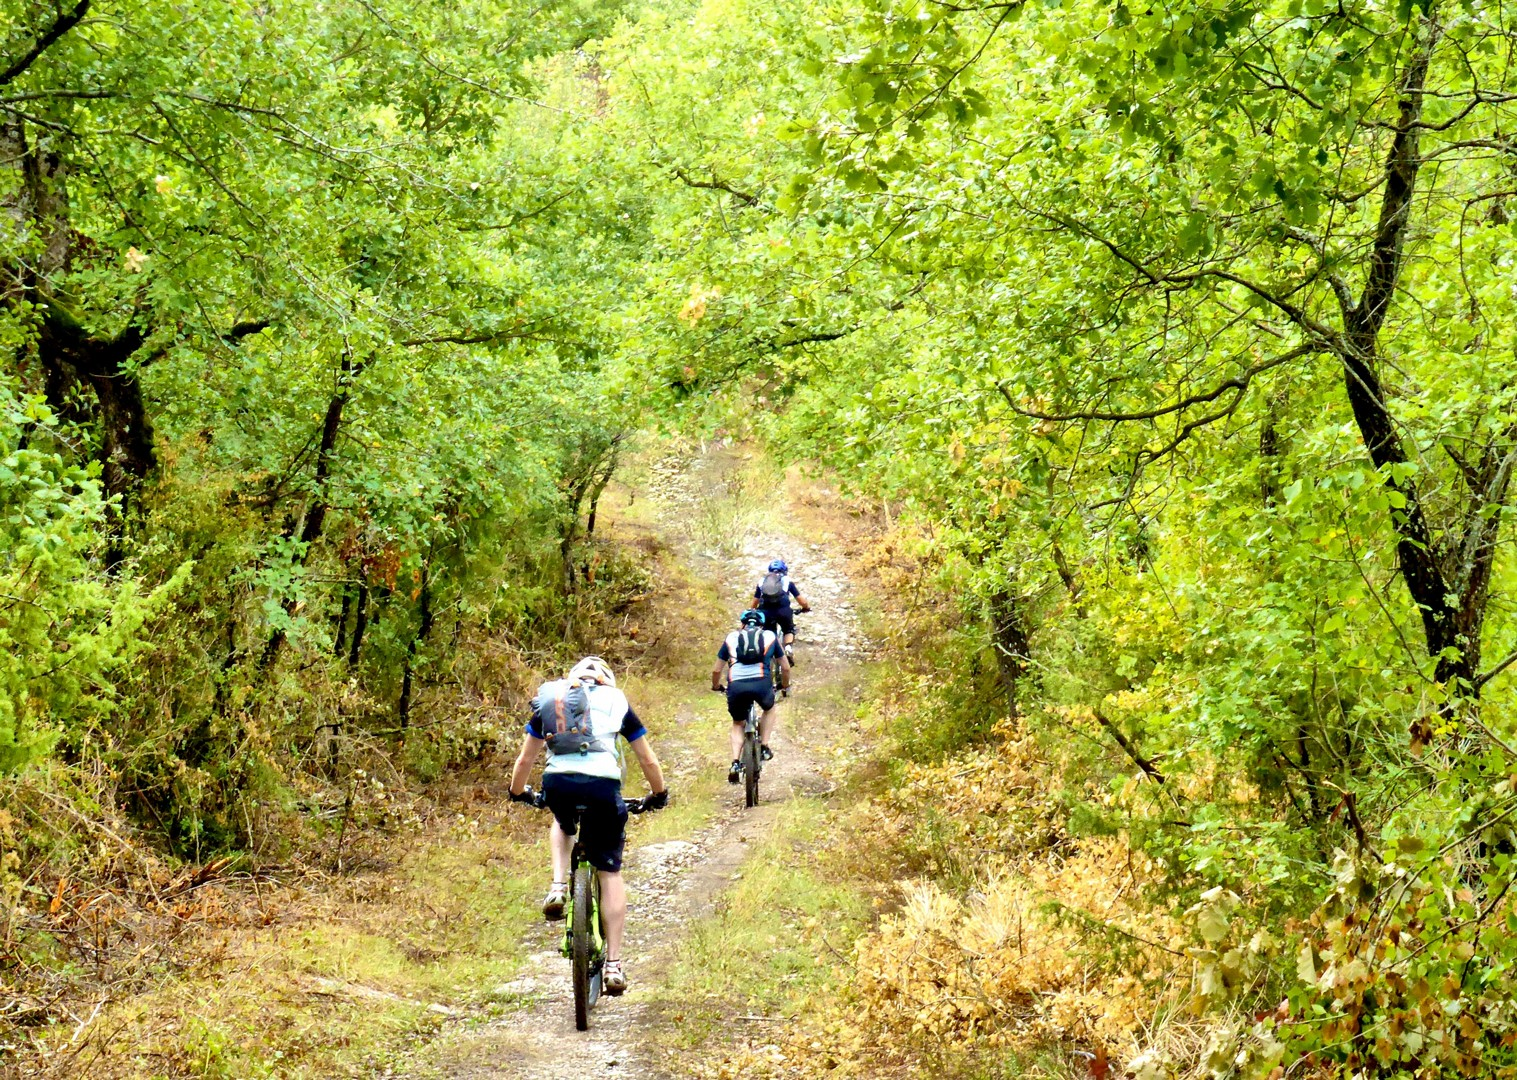 Foto 11-09-17, 10 21 59.jpg - Italy - Via Francigena (Tuscany to Rome) - Guided Mountain Biking Holiday - Italia Mountain Biking